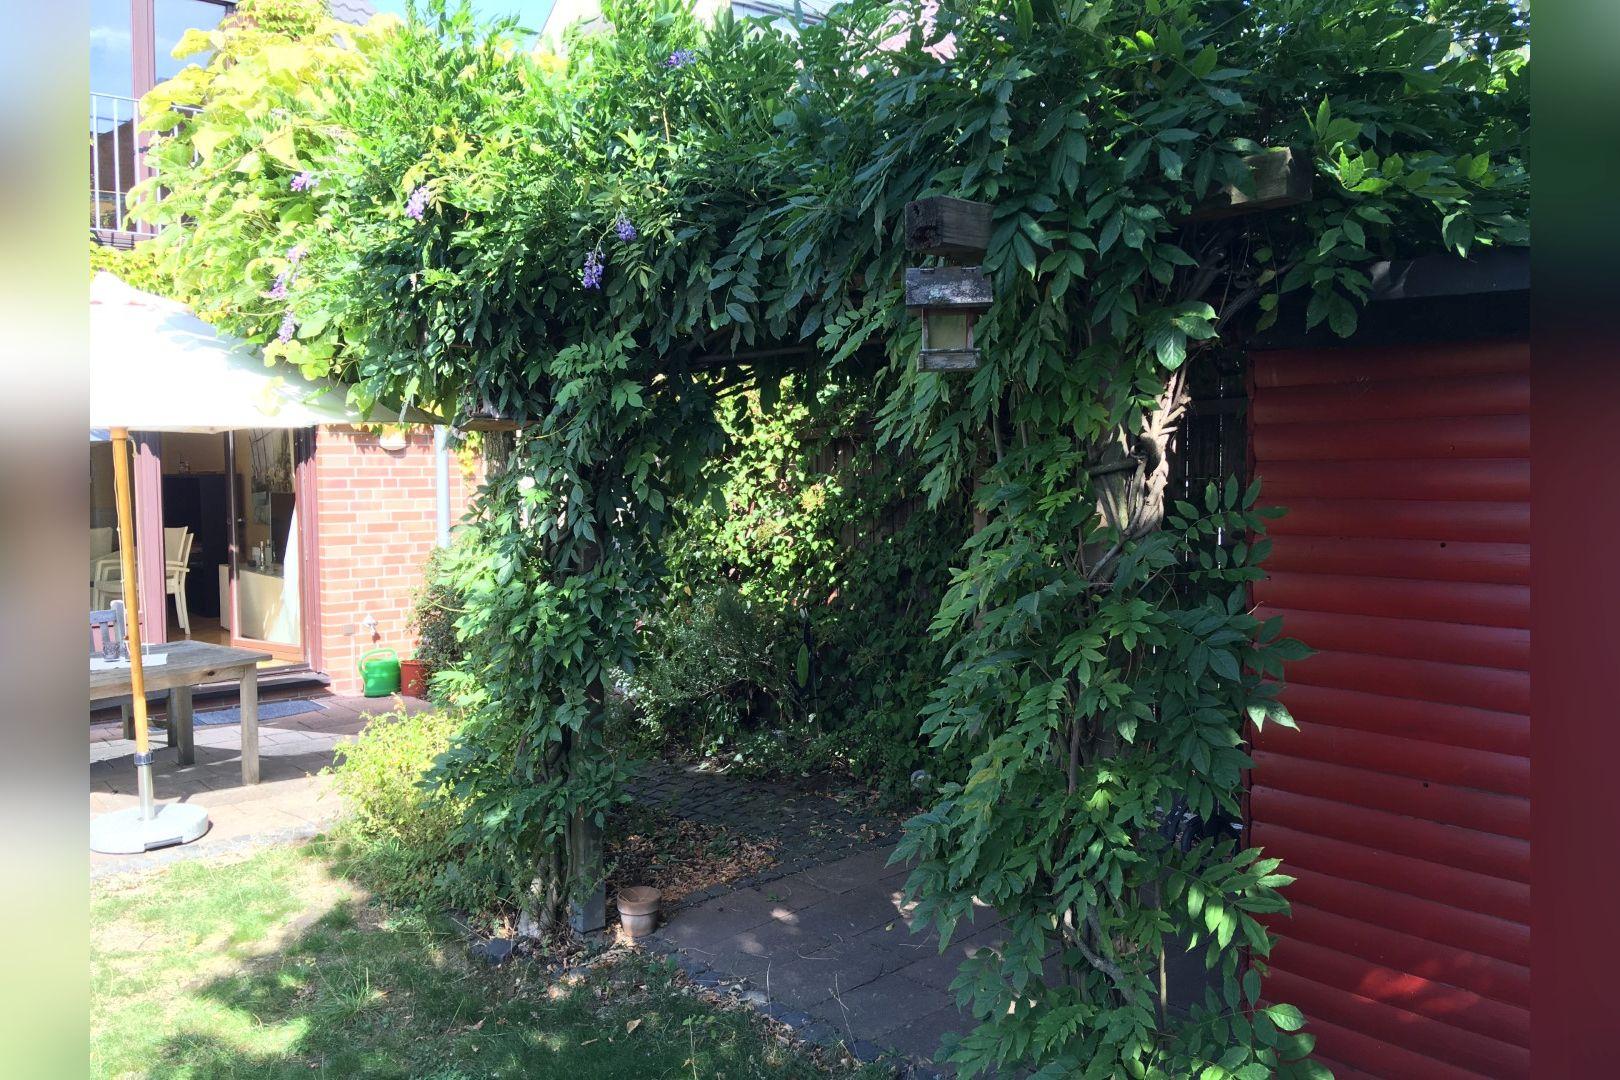 Immobilie Nr.0272 - Reiheneckhaus mit Garten, EBK u. Stellpl. - Bild 4.jpg